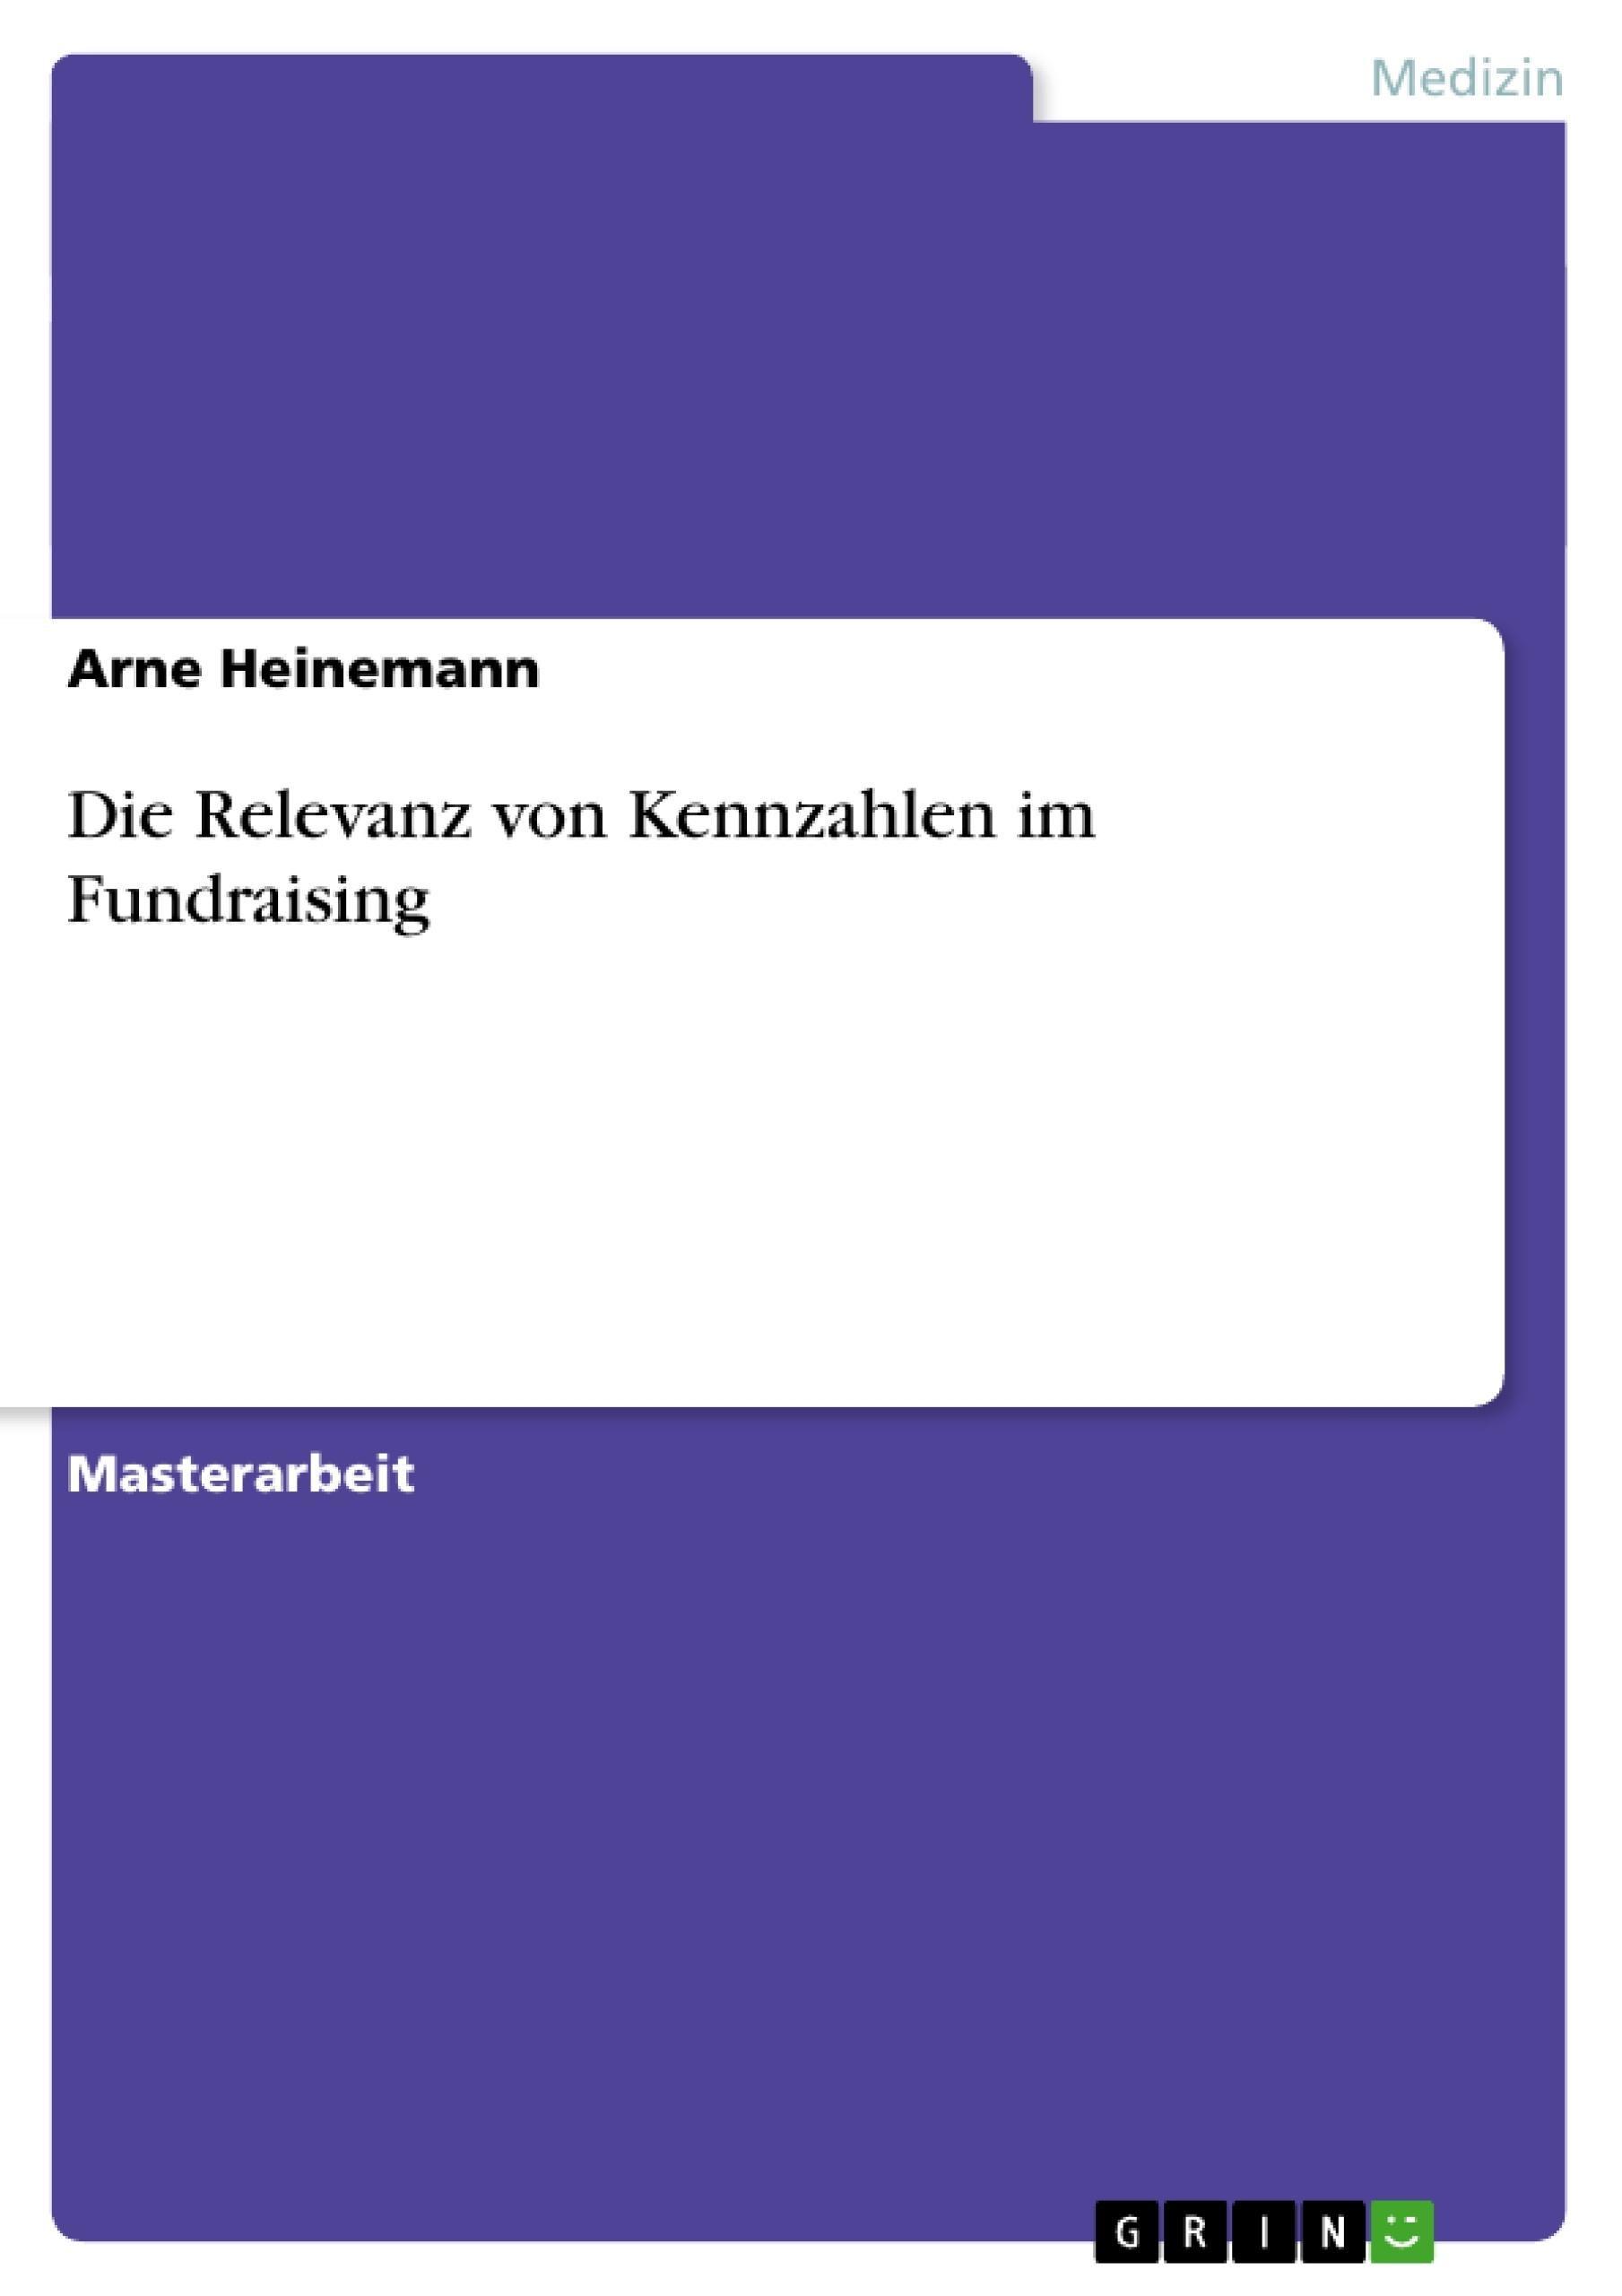 Titel: Die Relevanz von Kennzahlen im Fundraising